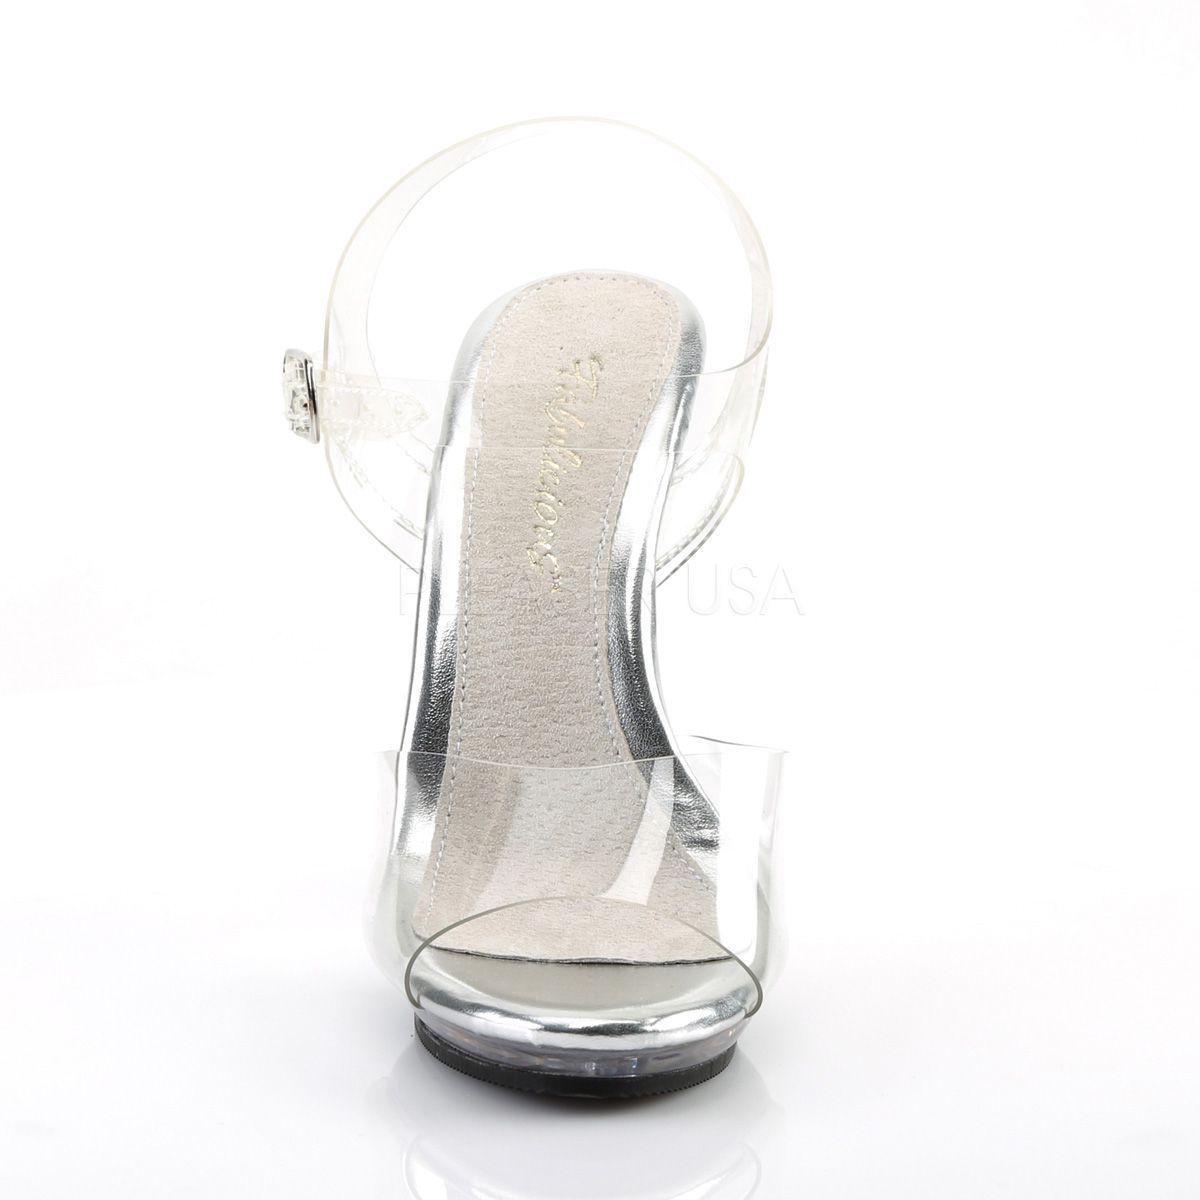 Sandalias con pequeña plataforma transparente y tacón alto con correa